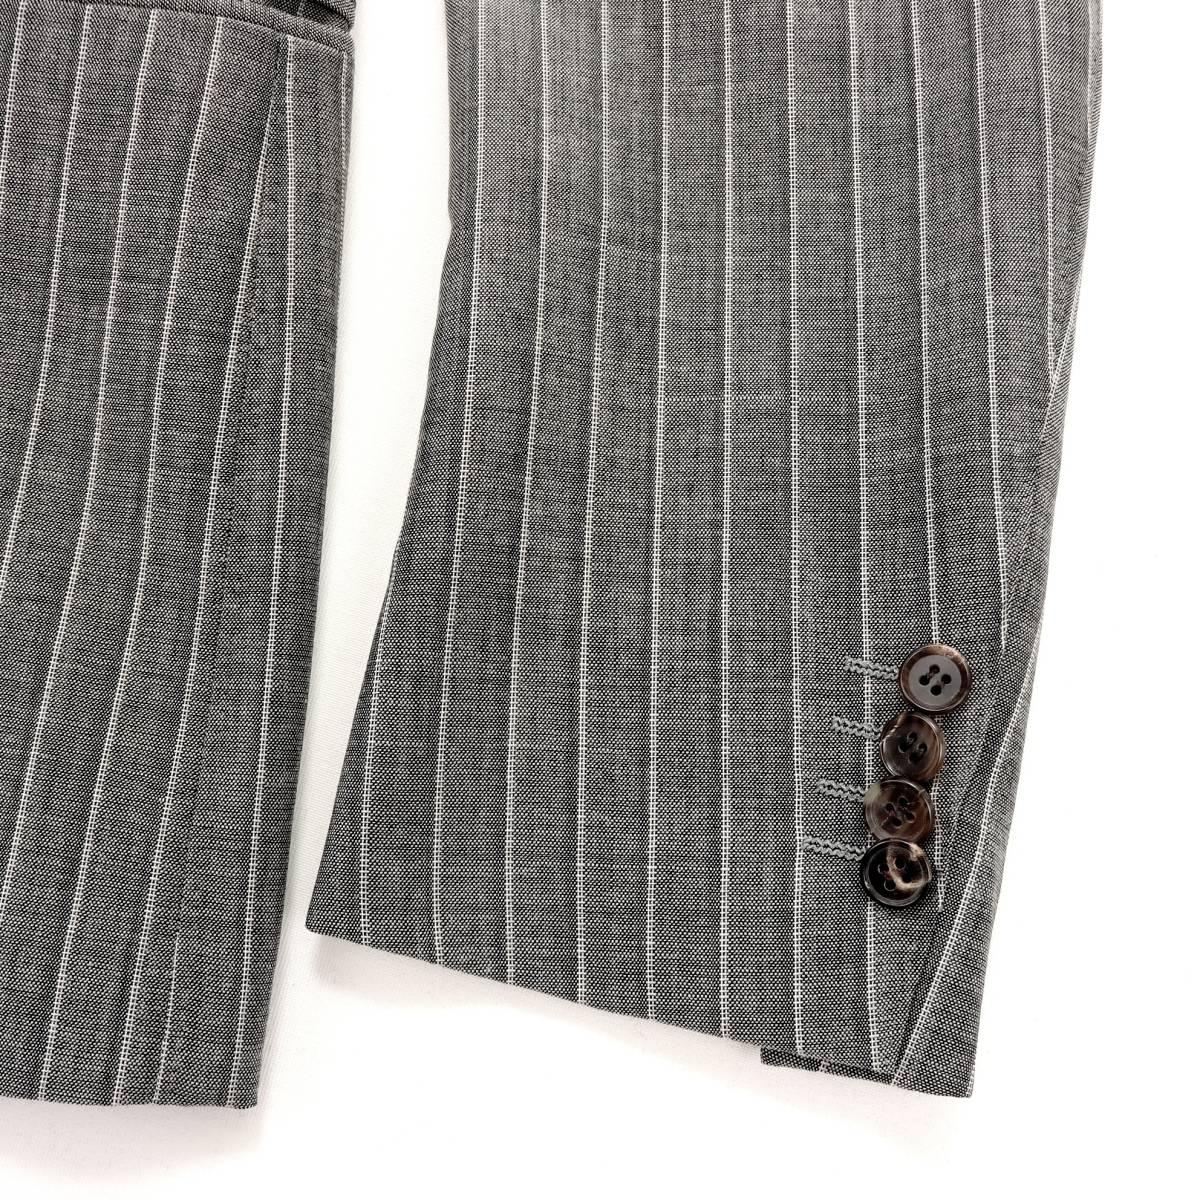 極上リッチな艶◎「ストラスブルゴ」×「リングヂャケット」通年イタリアングレー色◎滑らかな極上素材ピンストライプ柄スーツ 44 S~M_画像6